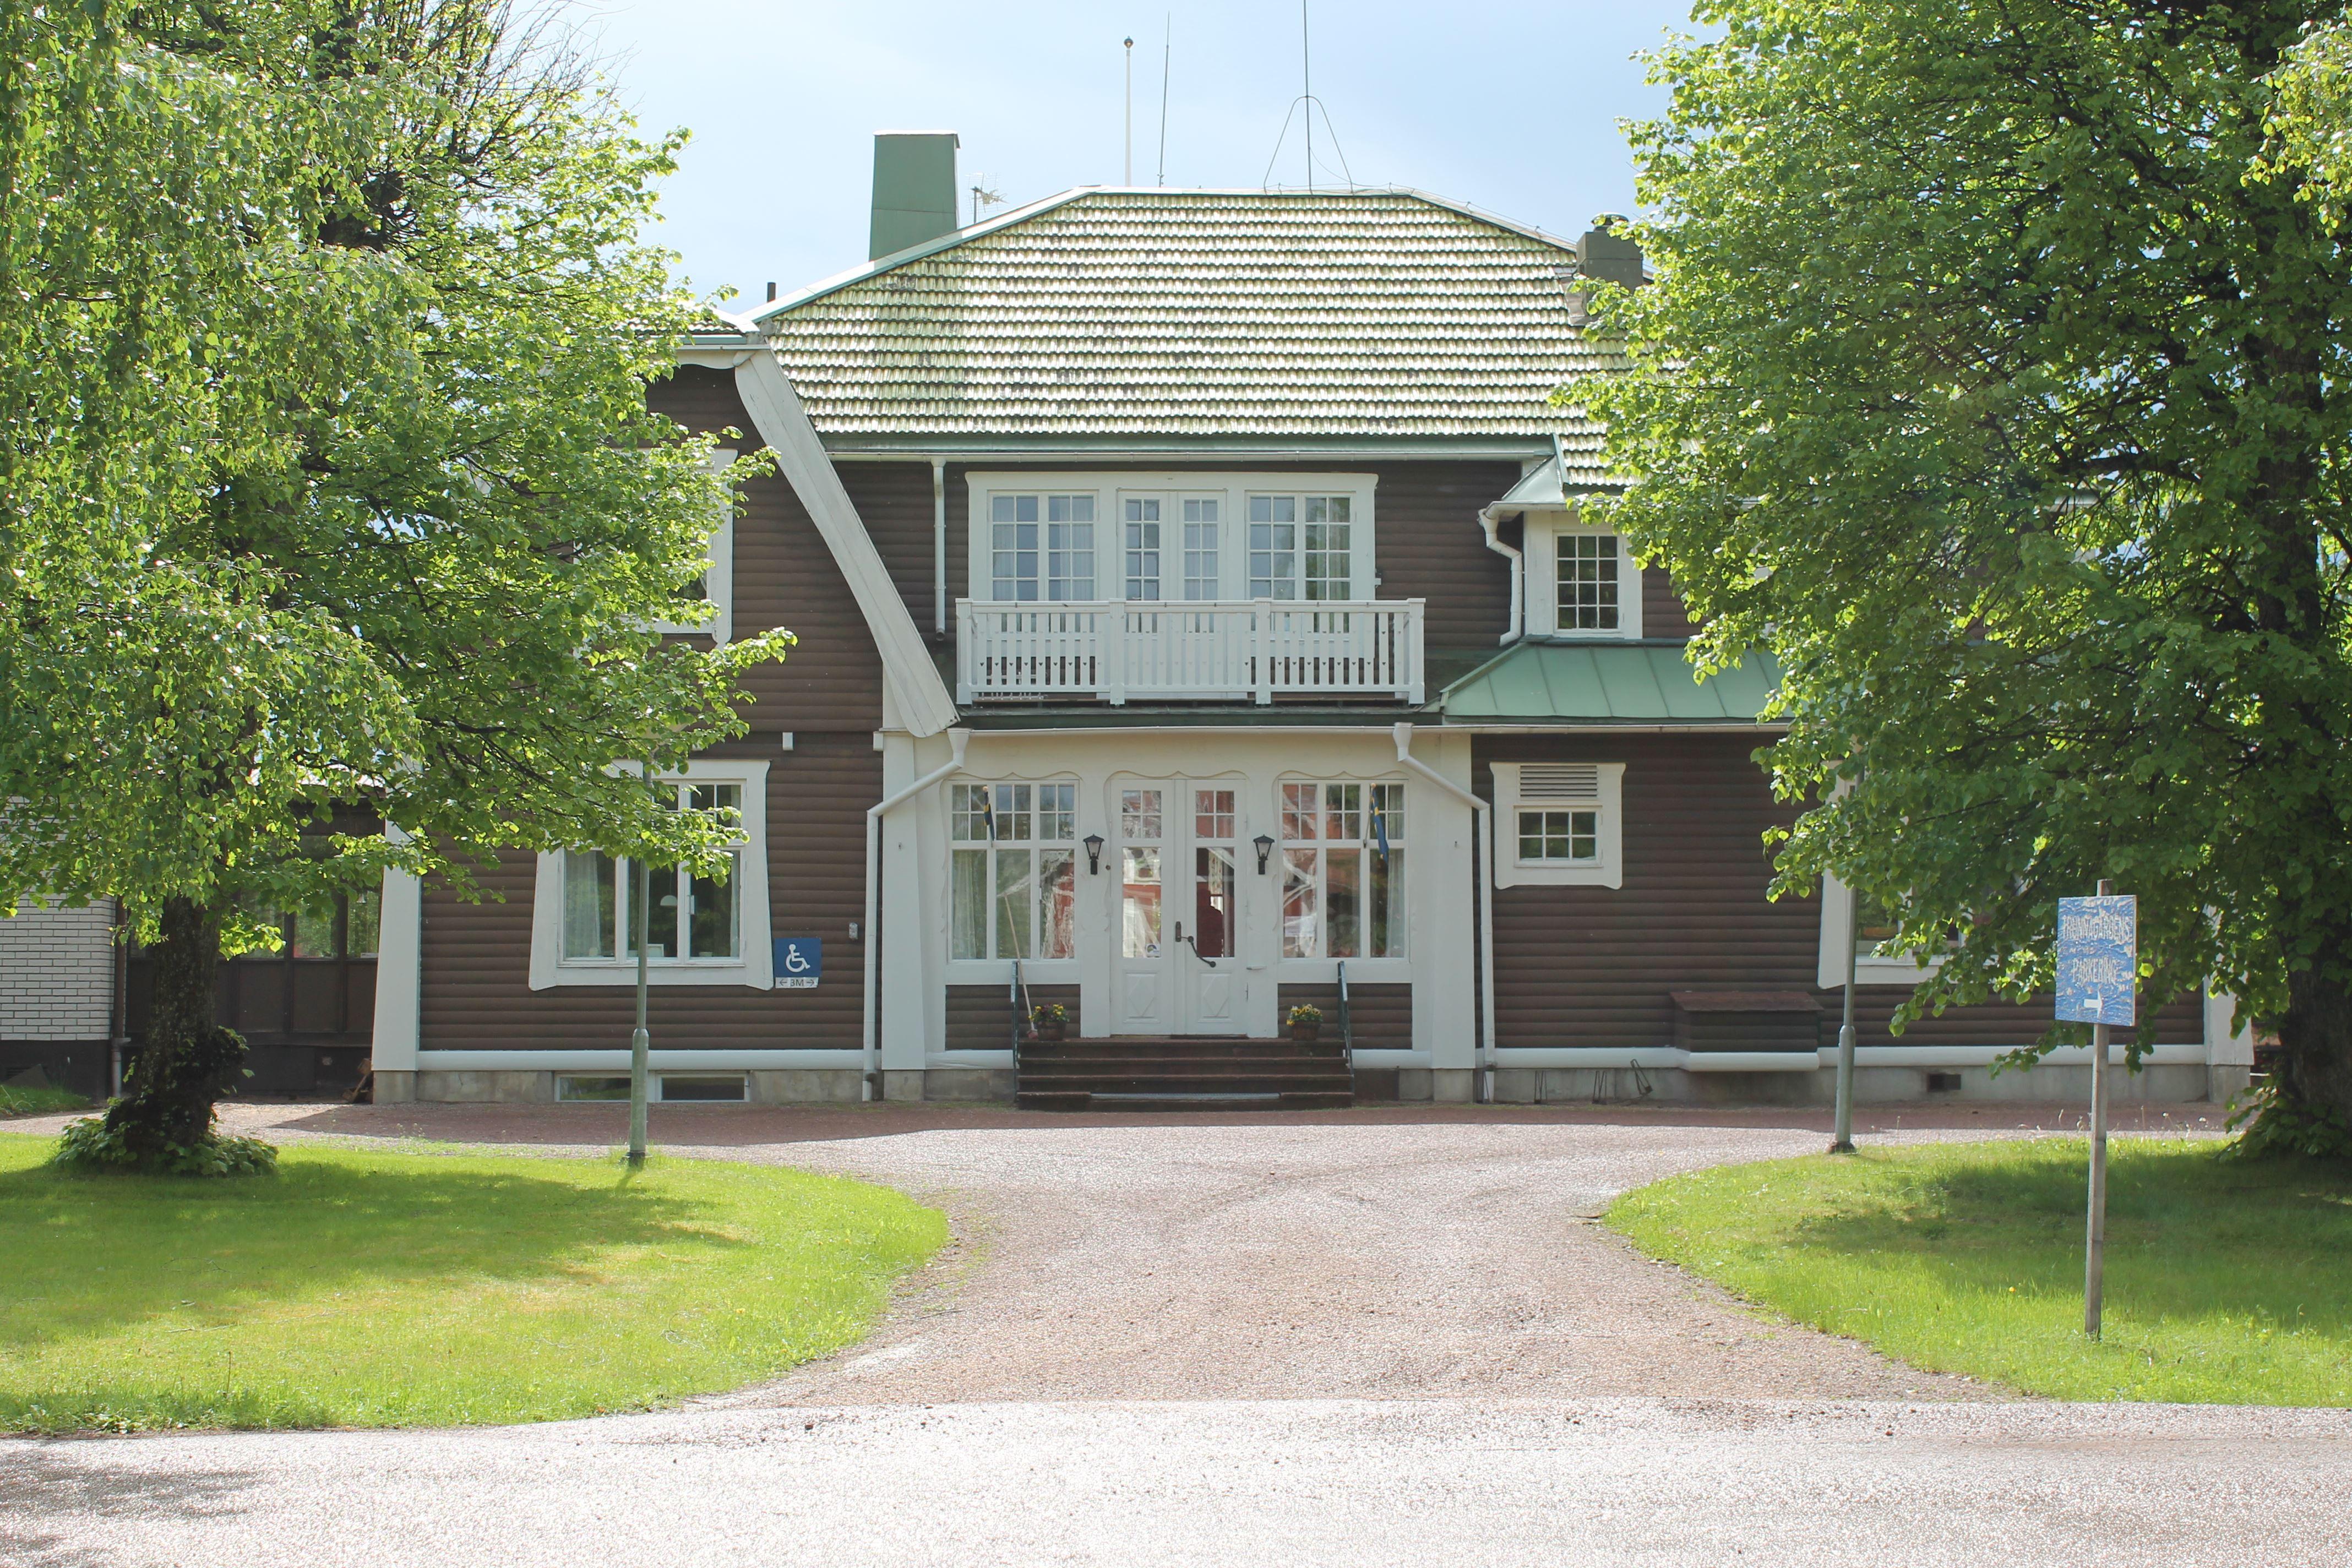 Trunna Hostel